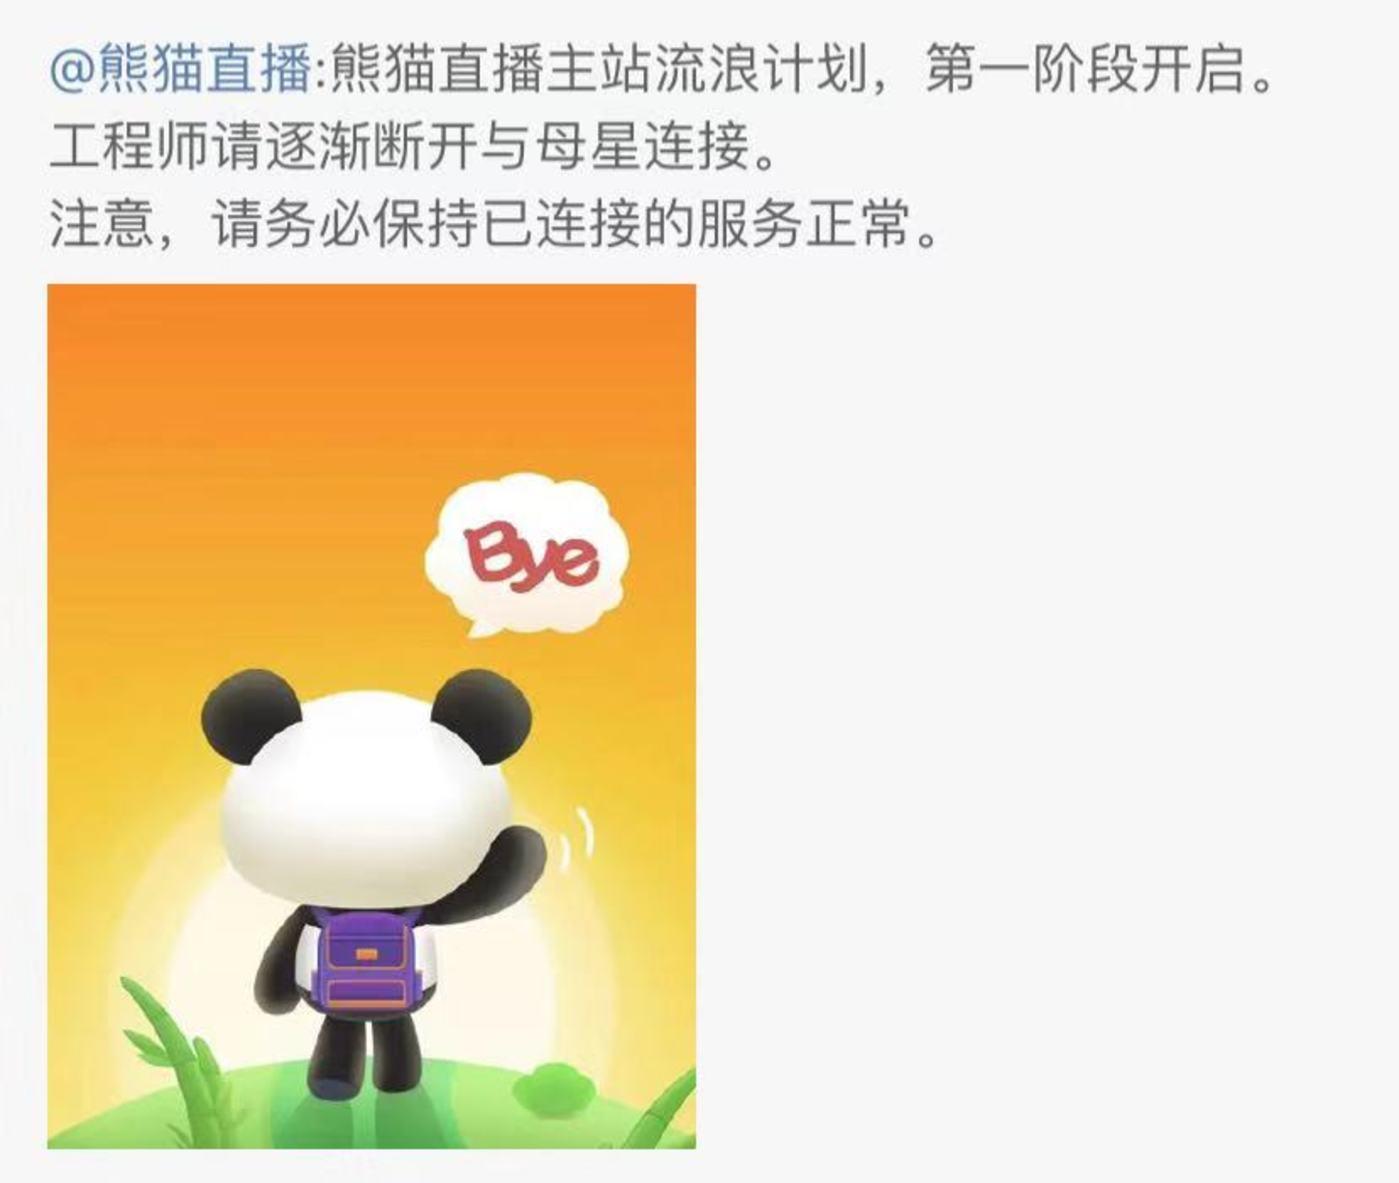 """3月8日中午12:57分,熊猫直播官方微博发布消息,""""工程师请逐渐断开与母星连接""""。"""